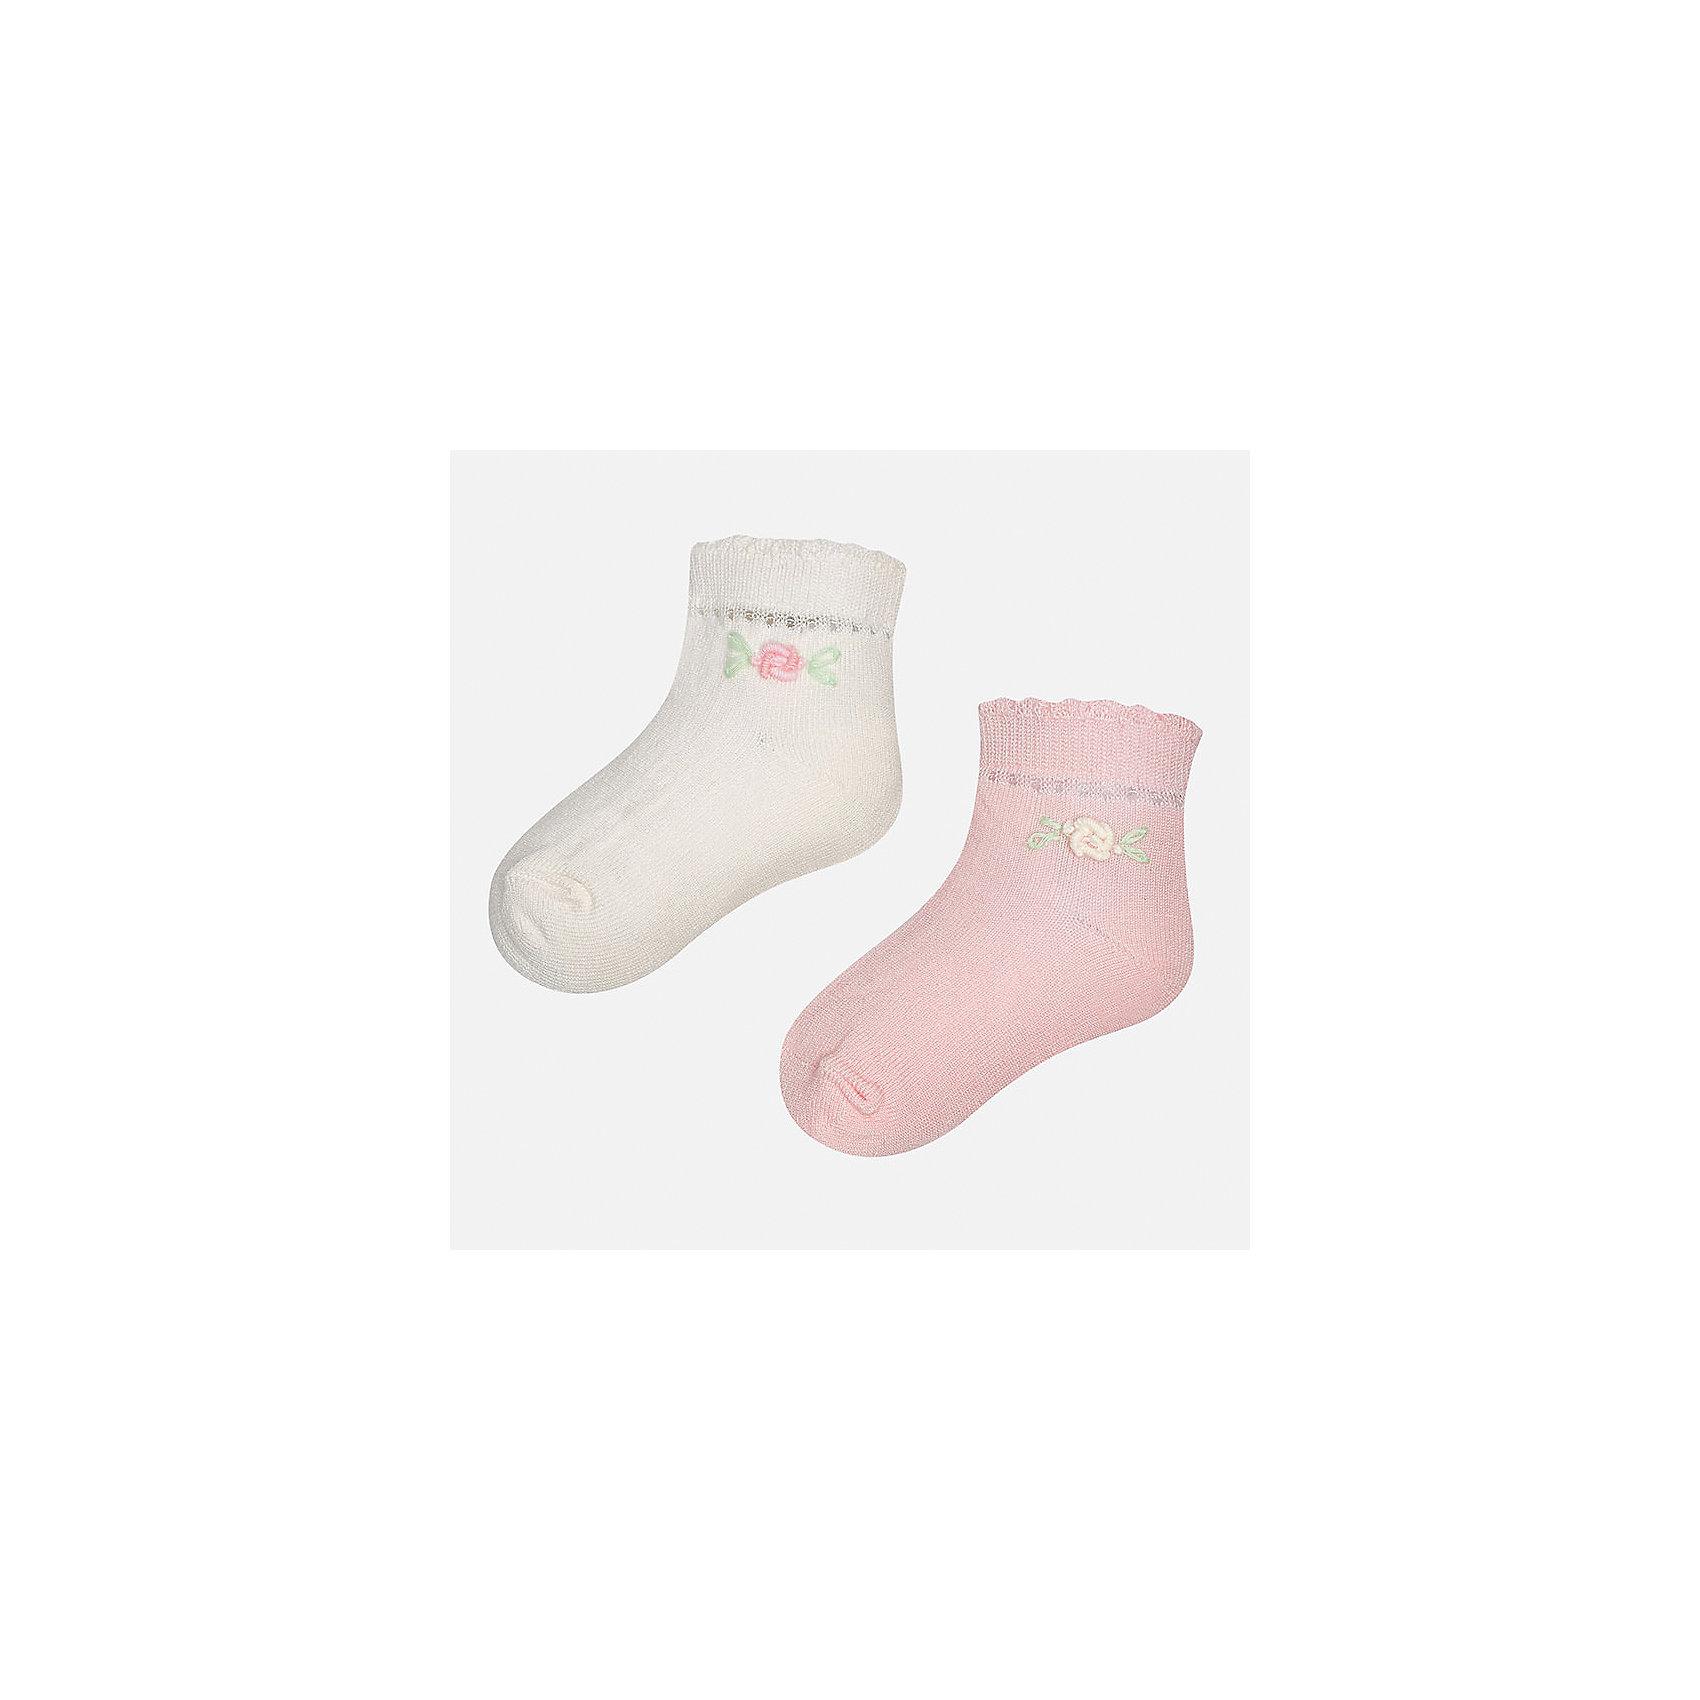 Носки (2 пары) для девочки MayoralНоски<br>Характеристики товара:<br><br>• цвет: белый/розовый<br>• состав: 74% хлопок, 23% полиамид, 3% эластан<br>• комплектация: две пары<br>• мягкая ажурная резинка<br>• эластичный материал<br>• декорированы объемными цветами<br>• страна бренда: Испания<br><br>Удобные симпатичные носки для девочки помогут обеспечить ребенку комфорт и дополнить наряд. Универсальный цвет позволяет надевать их под обувь разных расцветок. Носки удобно сидят на ноге и красиво смотрятся. В составе материала - натуральный хлопок, гипоаллергенный, приятный на ощупь, дышащий. <br><br>Одежда, обувь и аксессуары от испанского бренда Mayoral полюбились детям и взрослым по всему миру. Модели этой марки - стильные и удобные. Для их производства используются только безопасные, качественные материалы и фурнитура. Порадуйте ребенка модными и красивыми вещами от Mayoral! <br><br>Носки (2 пары) для девочки от испанского бренда Mayoral (Майорал) можно купить в нашем интернет-магазине.<br><br>Ширина мм: 87<br>Глубина мм: 10<br>Высота мм: 105<br>Вес г: 115<br>Цвет: розовый<br>Возраст от месяцев: 21<br>Возраст до месяцев: 24<br>Пол: Женский<br>Возраст: Детский<br>Размер: 12,24<br>SKU: 5293376